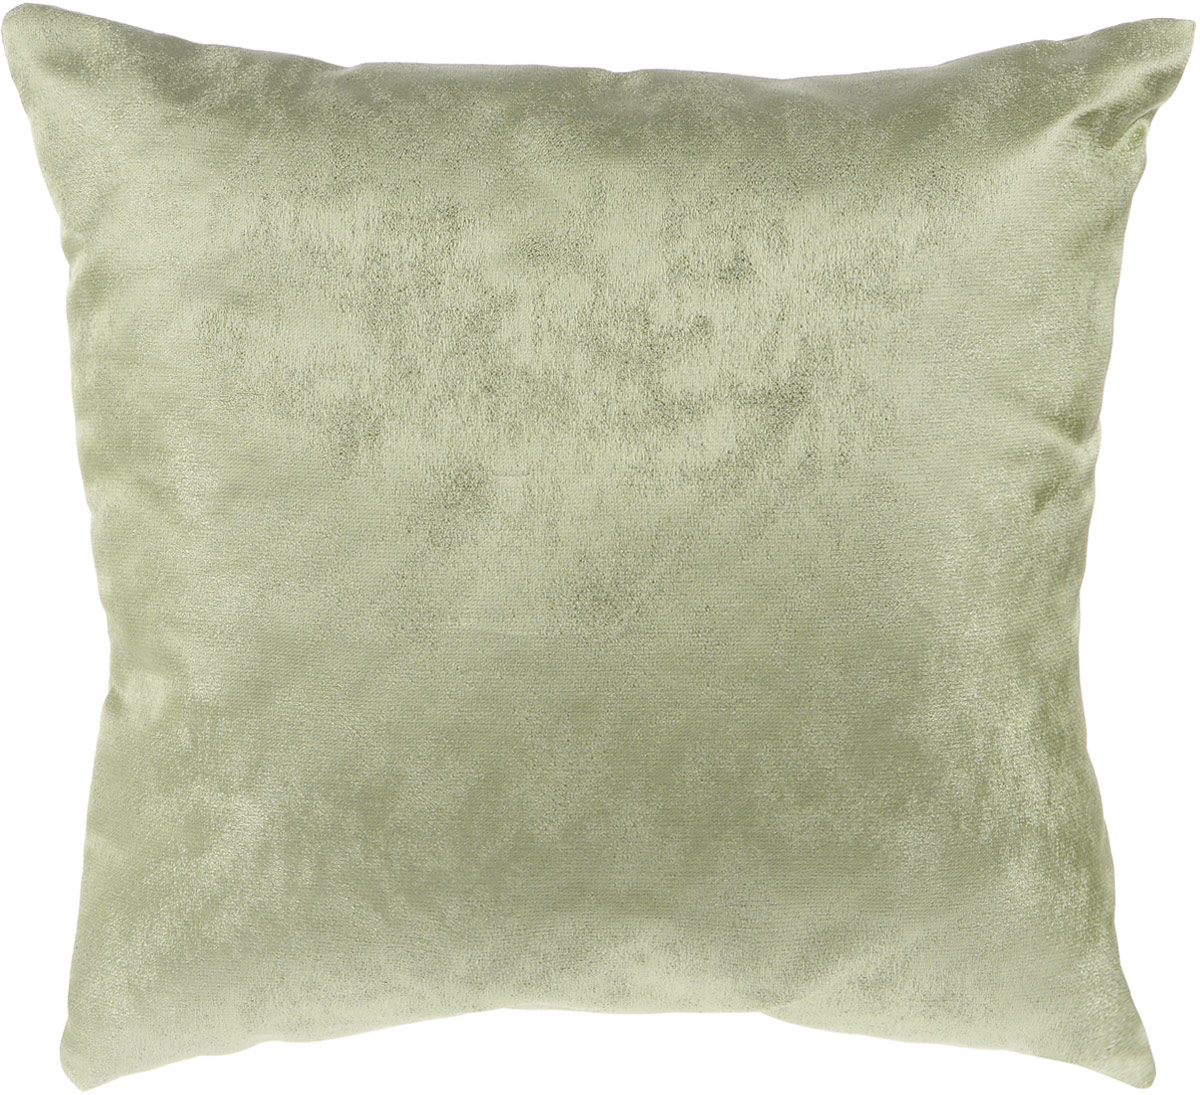 Подушка декоративная KauffOrt Магия, цвет: зеленый, 40 x 40 см3121909686Декоративная подушка Магия прекрасно дополнит интерьер спальни или гостиной. Приятный на ощупь чехол подушки выполнен из полиэстера. Внутри находится мягкий наполнитель. Чехол легко снимается благодаря потайной молнии в тон ткани. Красивая подушка создаст атмосферу уюта и комфорта в спальне и станет прекрасным элементом декора.